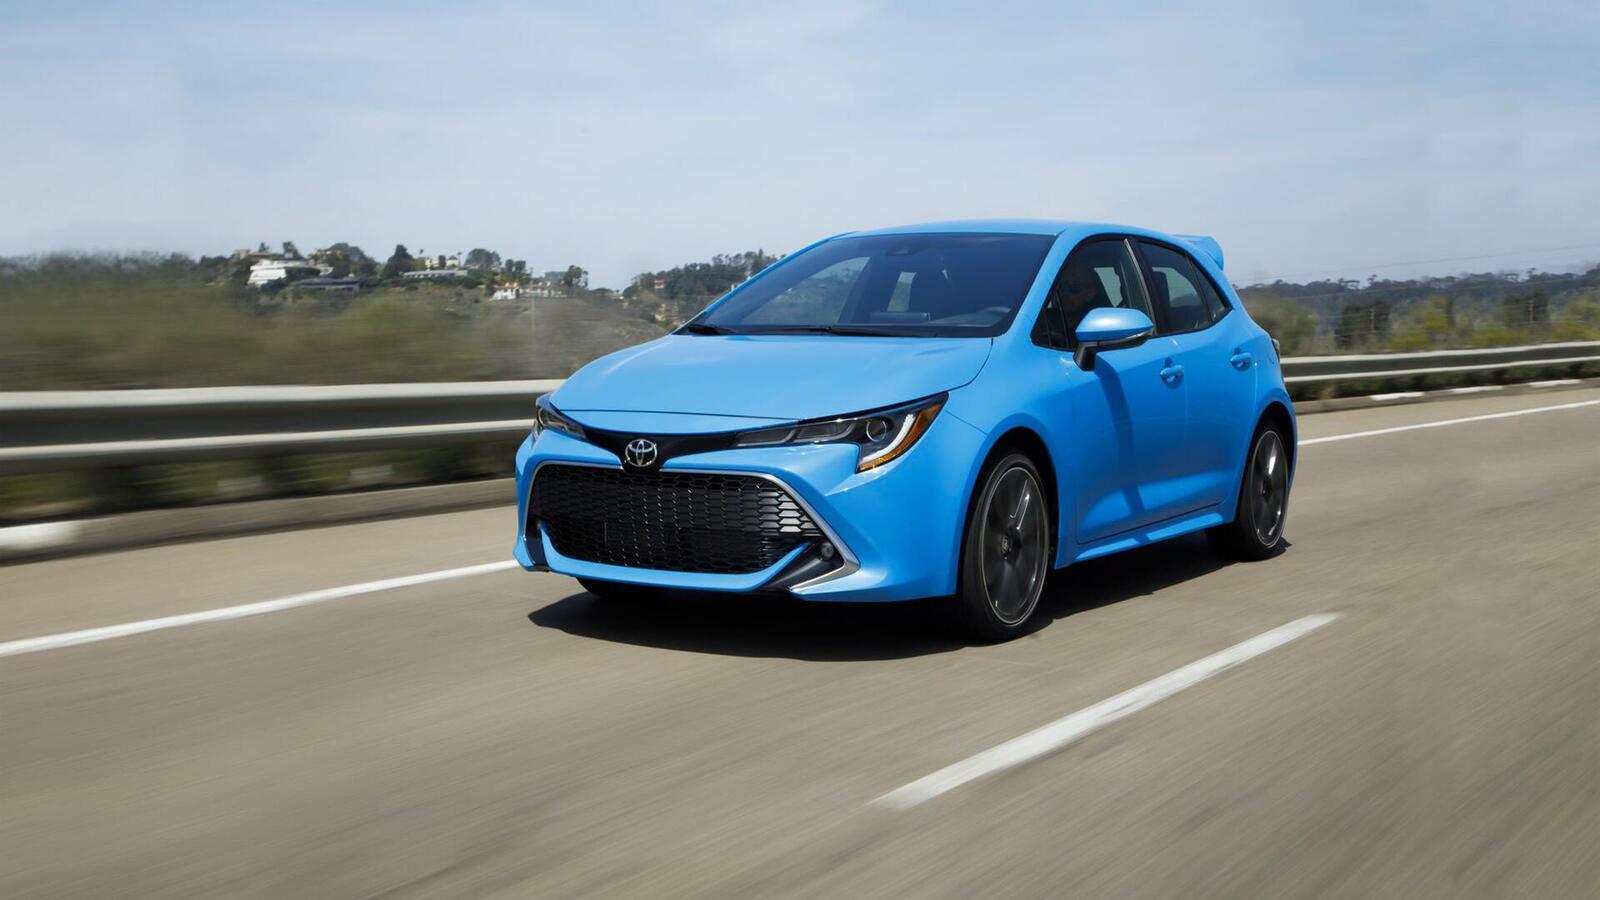 Ngoài đổi mới thiết kế trẻ trung Toyota sẽ phát triển nhiều xe thể thao hơn trong tương lai - Hình 2